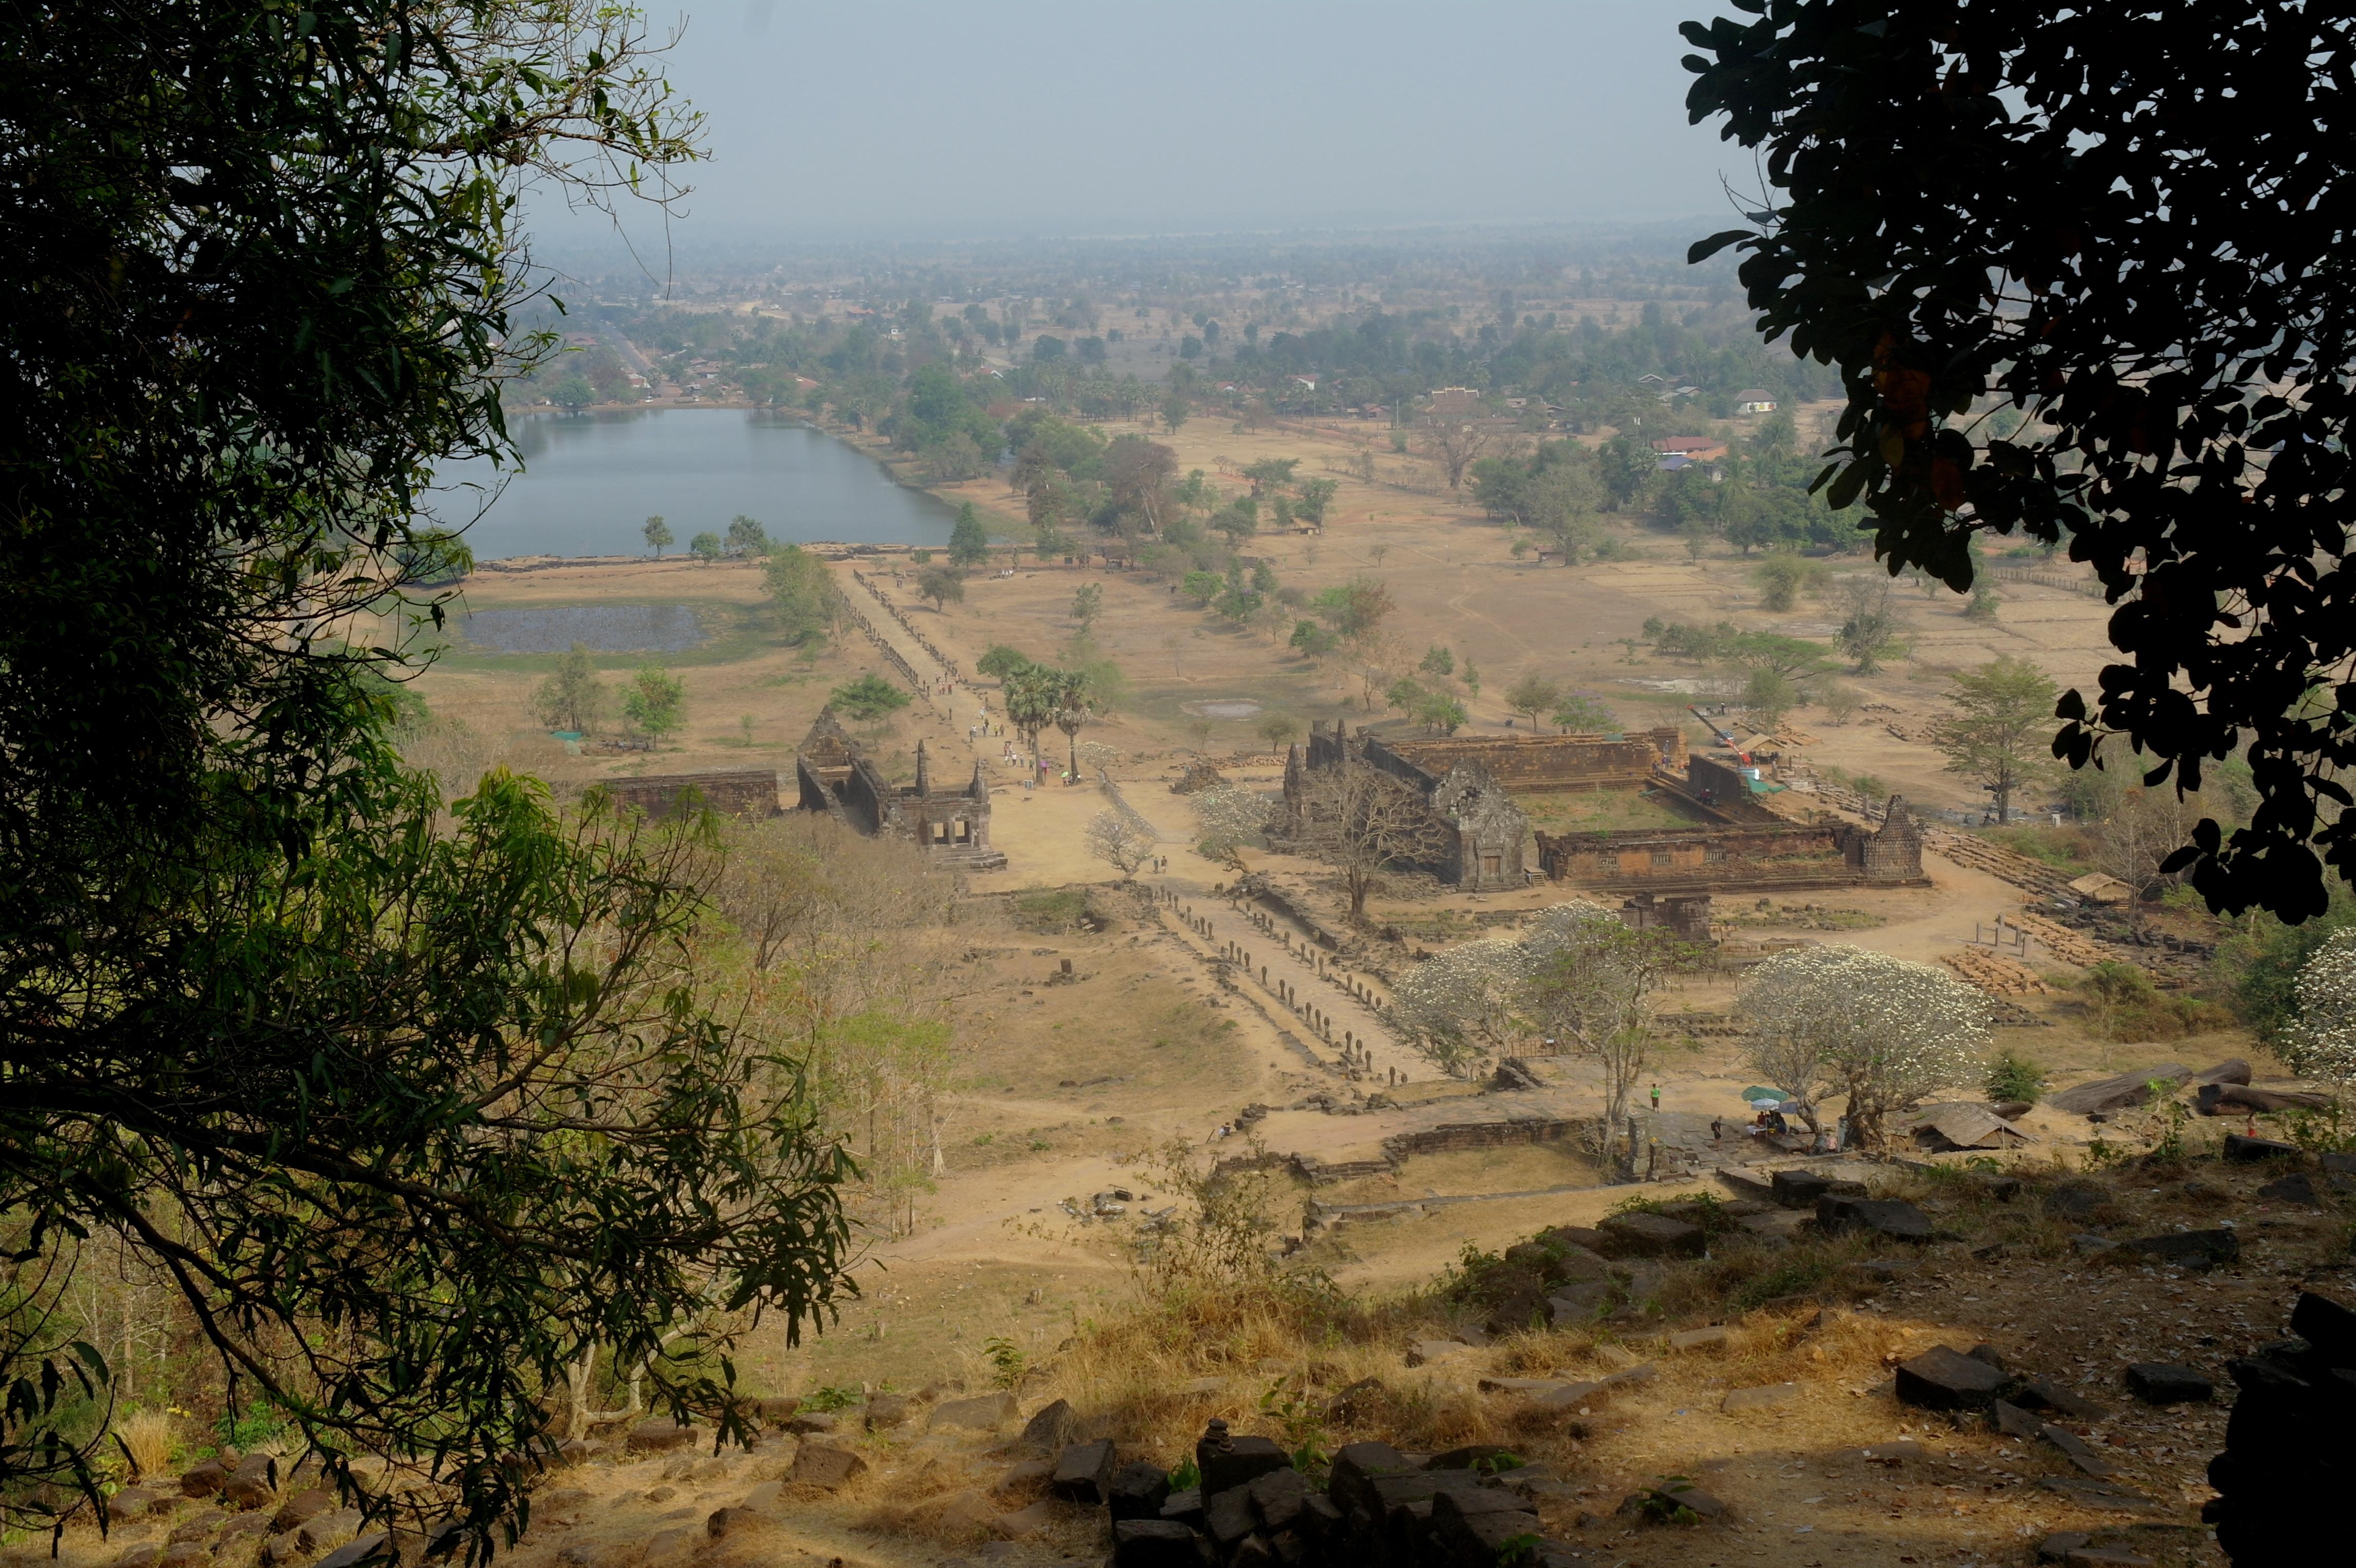 Le site de Wat Phou en images